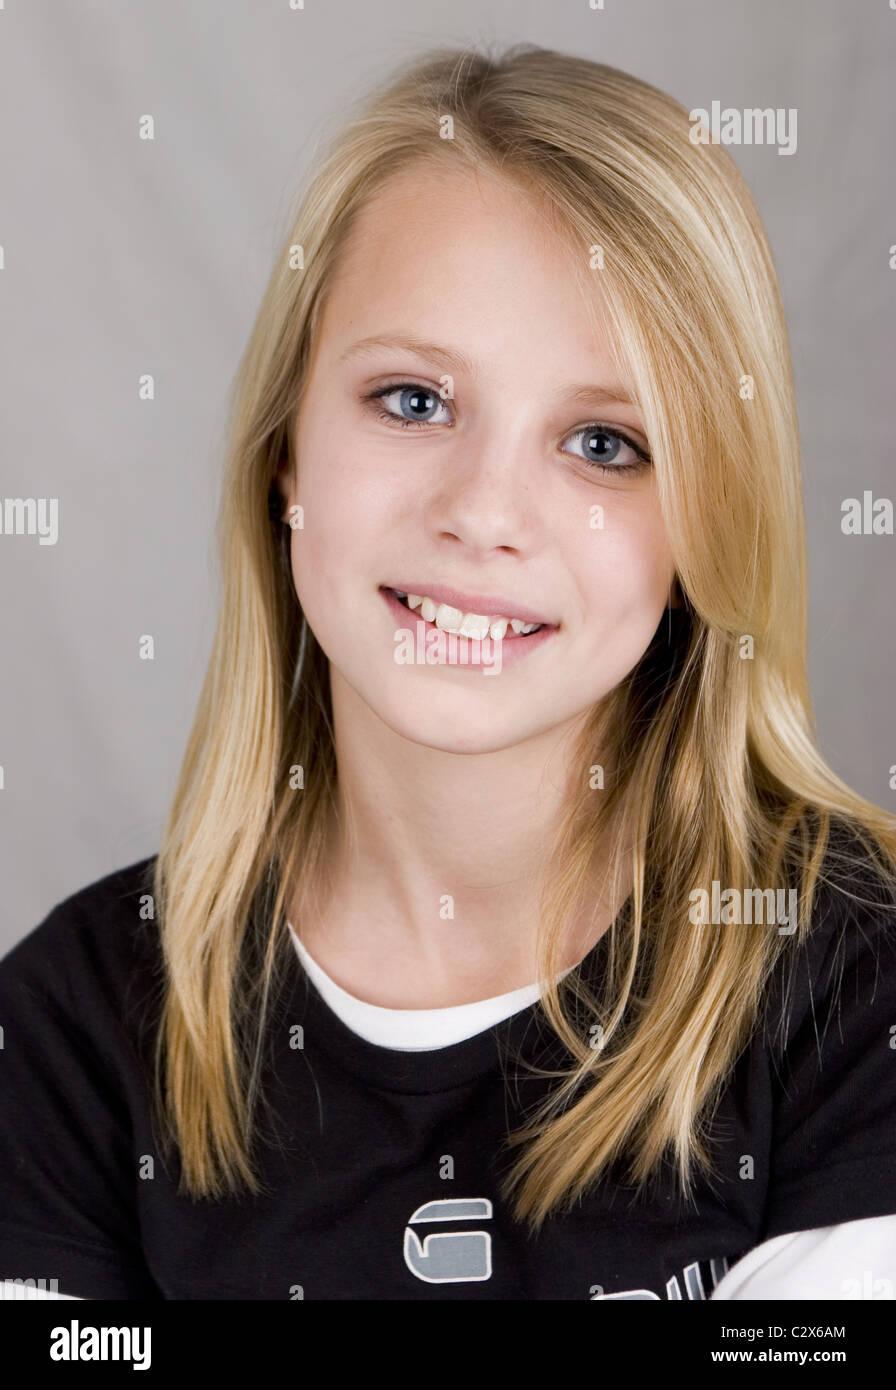 Chica Rubia Adolescente Feliz Mirar Cámara 12 13 Años De Edad Fotografía De Stock Alamy